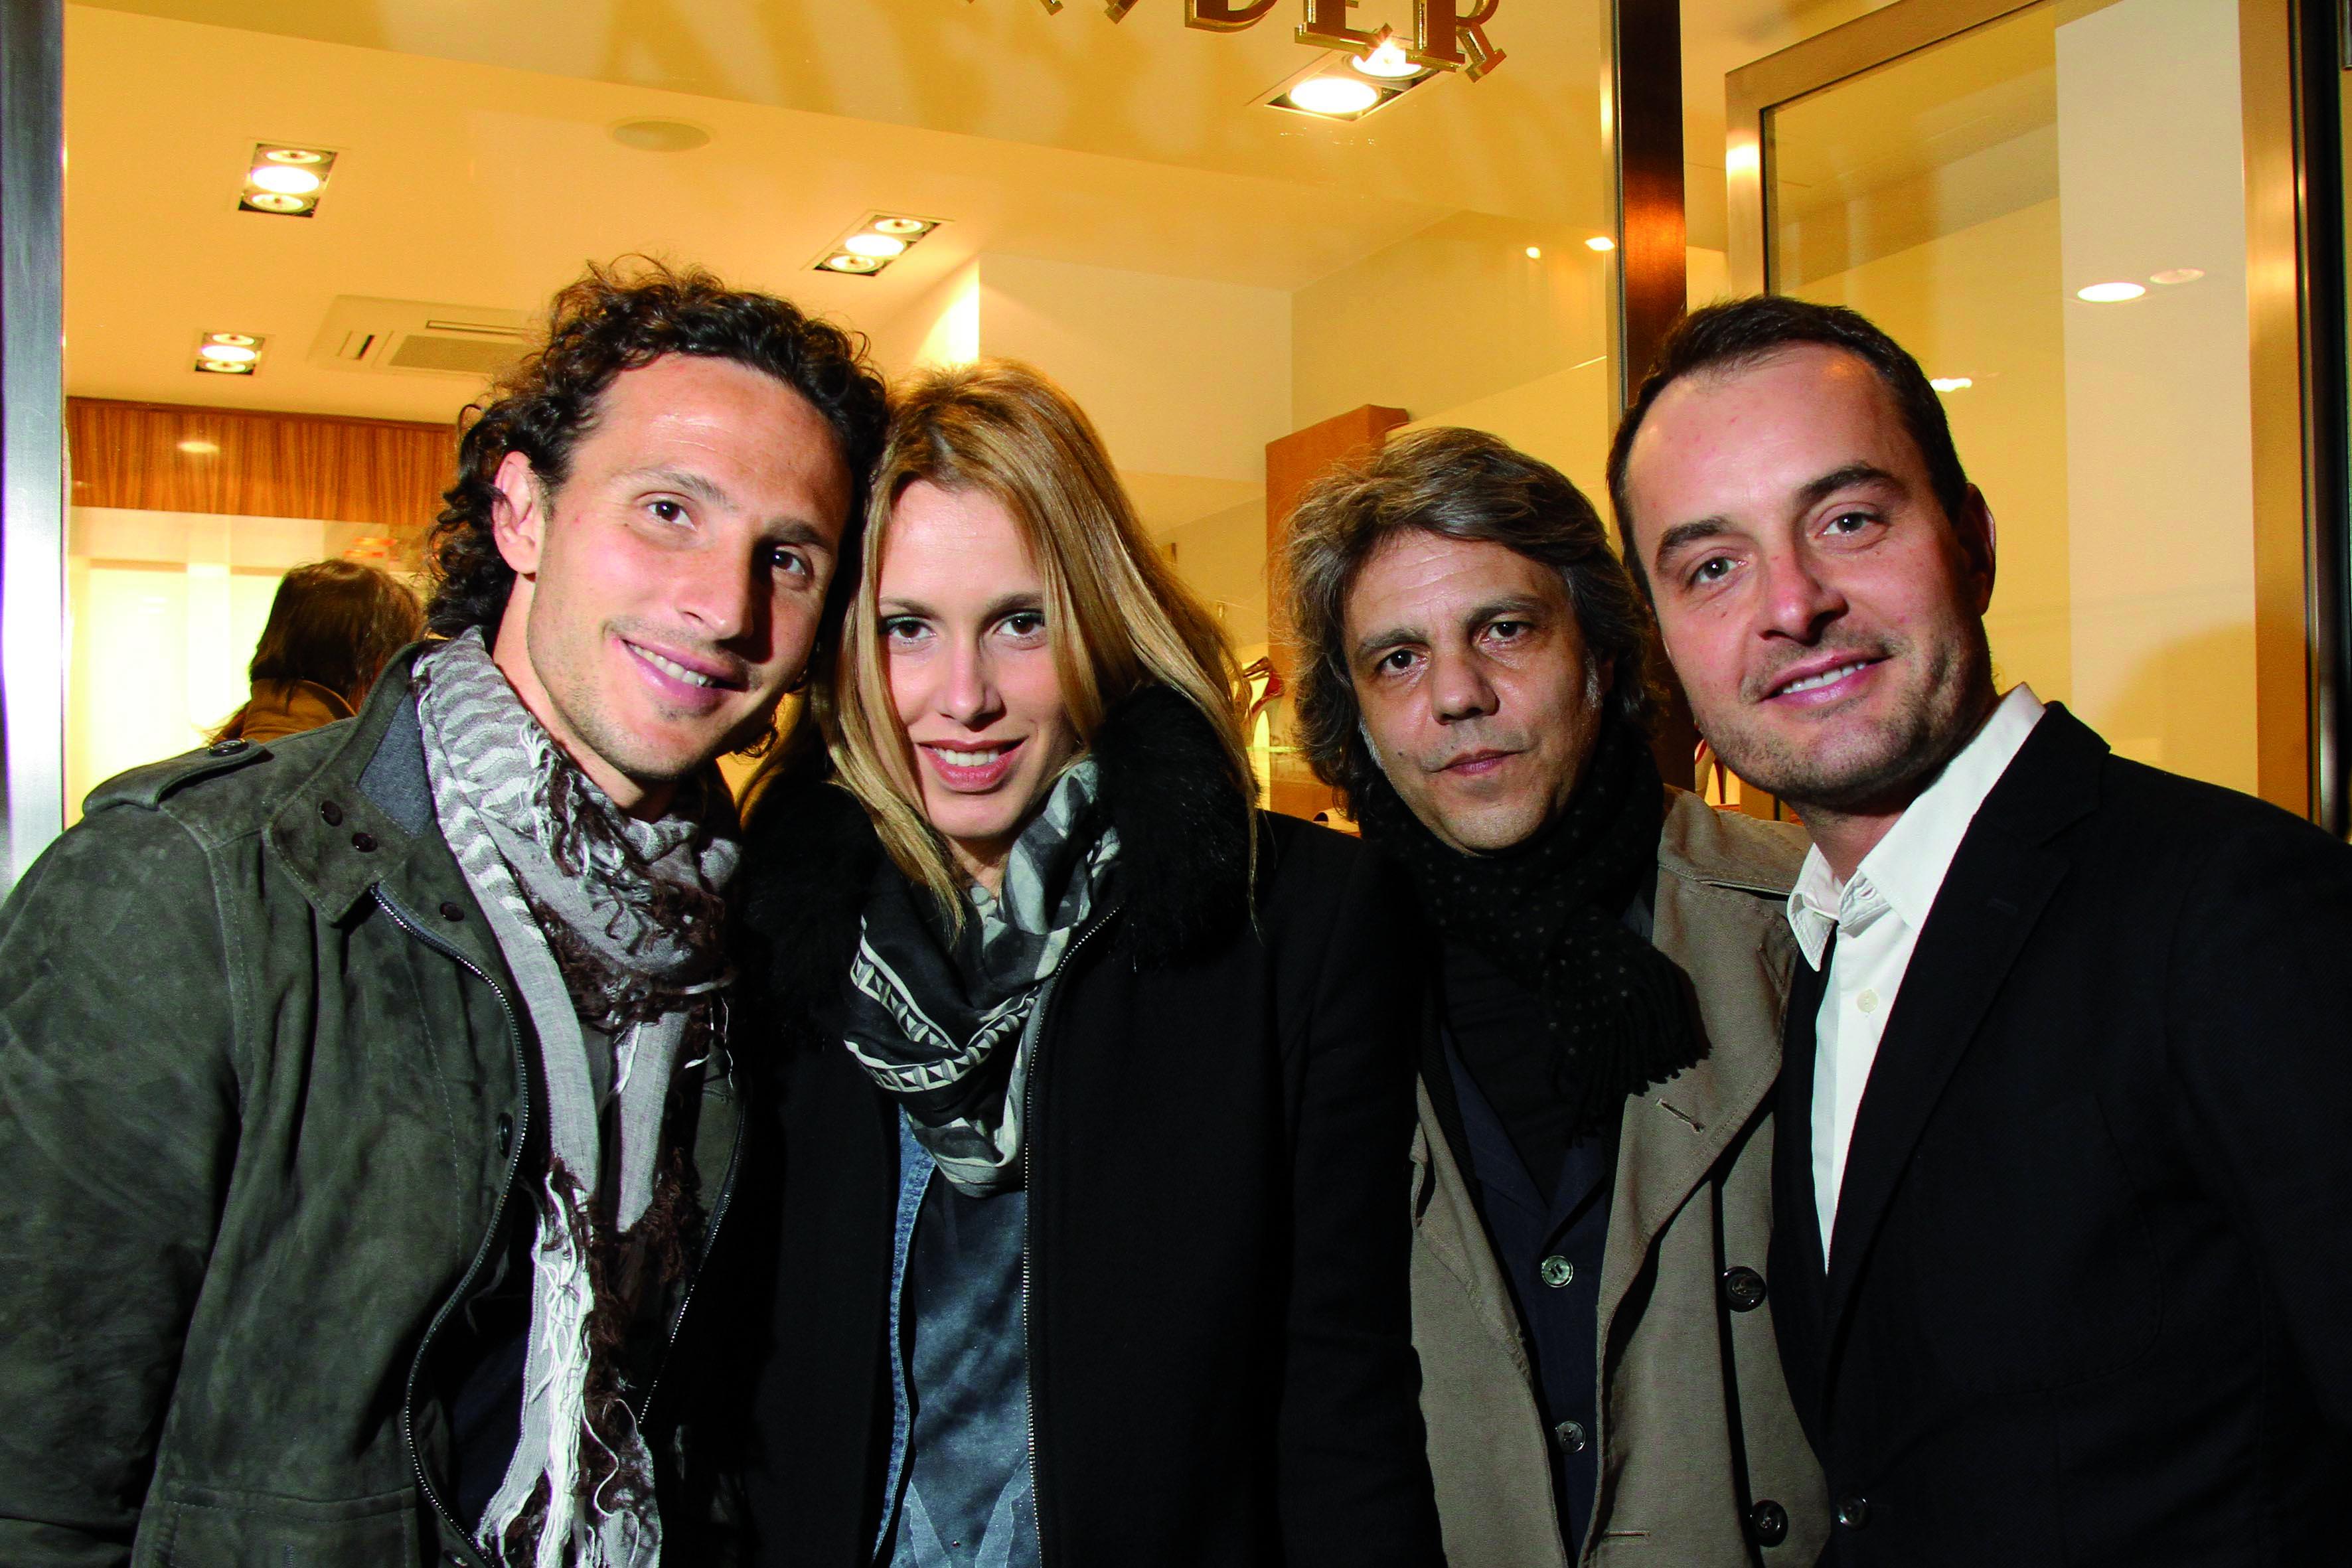 PRESSPHOTO Firenze, Boutique Alexander, via della Vigna Nuova. Comotto con la moglie, Michele Tanci e Massimo Orru.